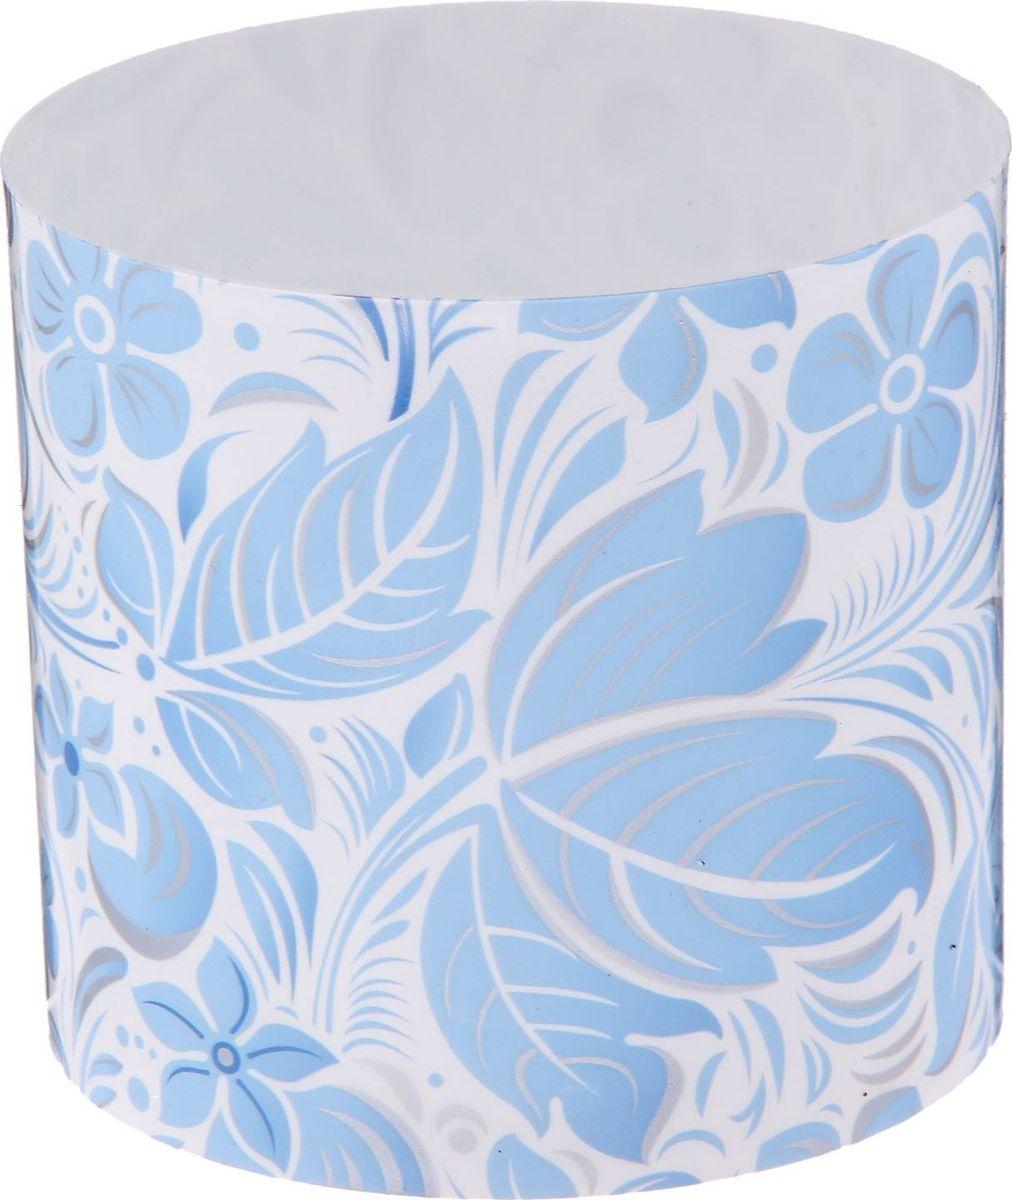 Горшок для цветов Simple Garden Листочки-цветочки, со скрытым поддоном, цвет: голубой, 1 л2265048Любой, даже самый современный и продуманный интерьер будет незавершённым без растений. Они не только очищают воздух и насыщают его кислородом, но и украшают окружающее пространство. Такому полезному члену семьи просто необходим красивый и функциональный дом! Мы предлагаем #name#! Оптимальный выбор материала — пластмасса! Почему мы так считаем?Малый вес. С лёгкостью переносите горшки и кашпо с места на место, ставьте их на столики или полки, не беспокоясь о нагрузке. Простота ухода. Кашпо не нуждается в специальных условиях хранения. Его легко чистить — достаточно просто сполоснуть тёплой водой. Никаких потёртостей. Такие кашпо не царапают и не загрязняют поверхности, на которых стоят. Пластик дольше хранит влагу, а значит, растение реже нуждается в поливе. Пластмасса не пропускает воздух — корневой системе растения не грозят резкие перепады температур. Огромный выбор форм, декора и расцветок — вы без труда найдёте что-то, что идеально впишется в уже существующий интерьер. Соблюдая нехитрые правила ухода, вы можете заметно продлить срок службы горшков и кашпо из пластика:всегда учитывайте размер кроны и корневой системы (при разрастании большое растение способно повредить маленький горшок)берегите изделие от воздействия прямых солнечных лучей, чтобы горшки не выцветалидержите кашпо из пластика подальше от нагревающихся поверхностей. Создавайте прекрасные цветочные композиции, выращивайте рассаду или необычные растения.